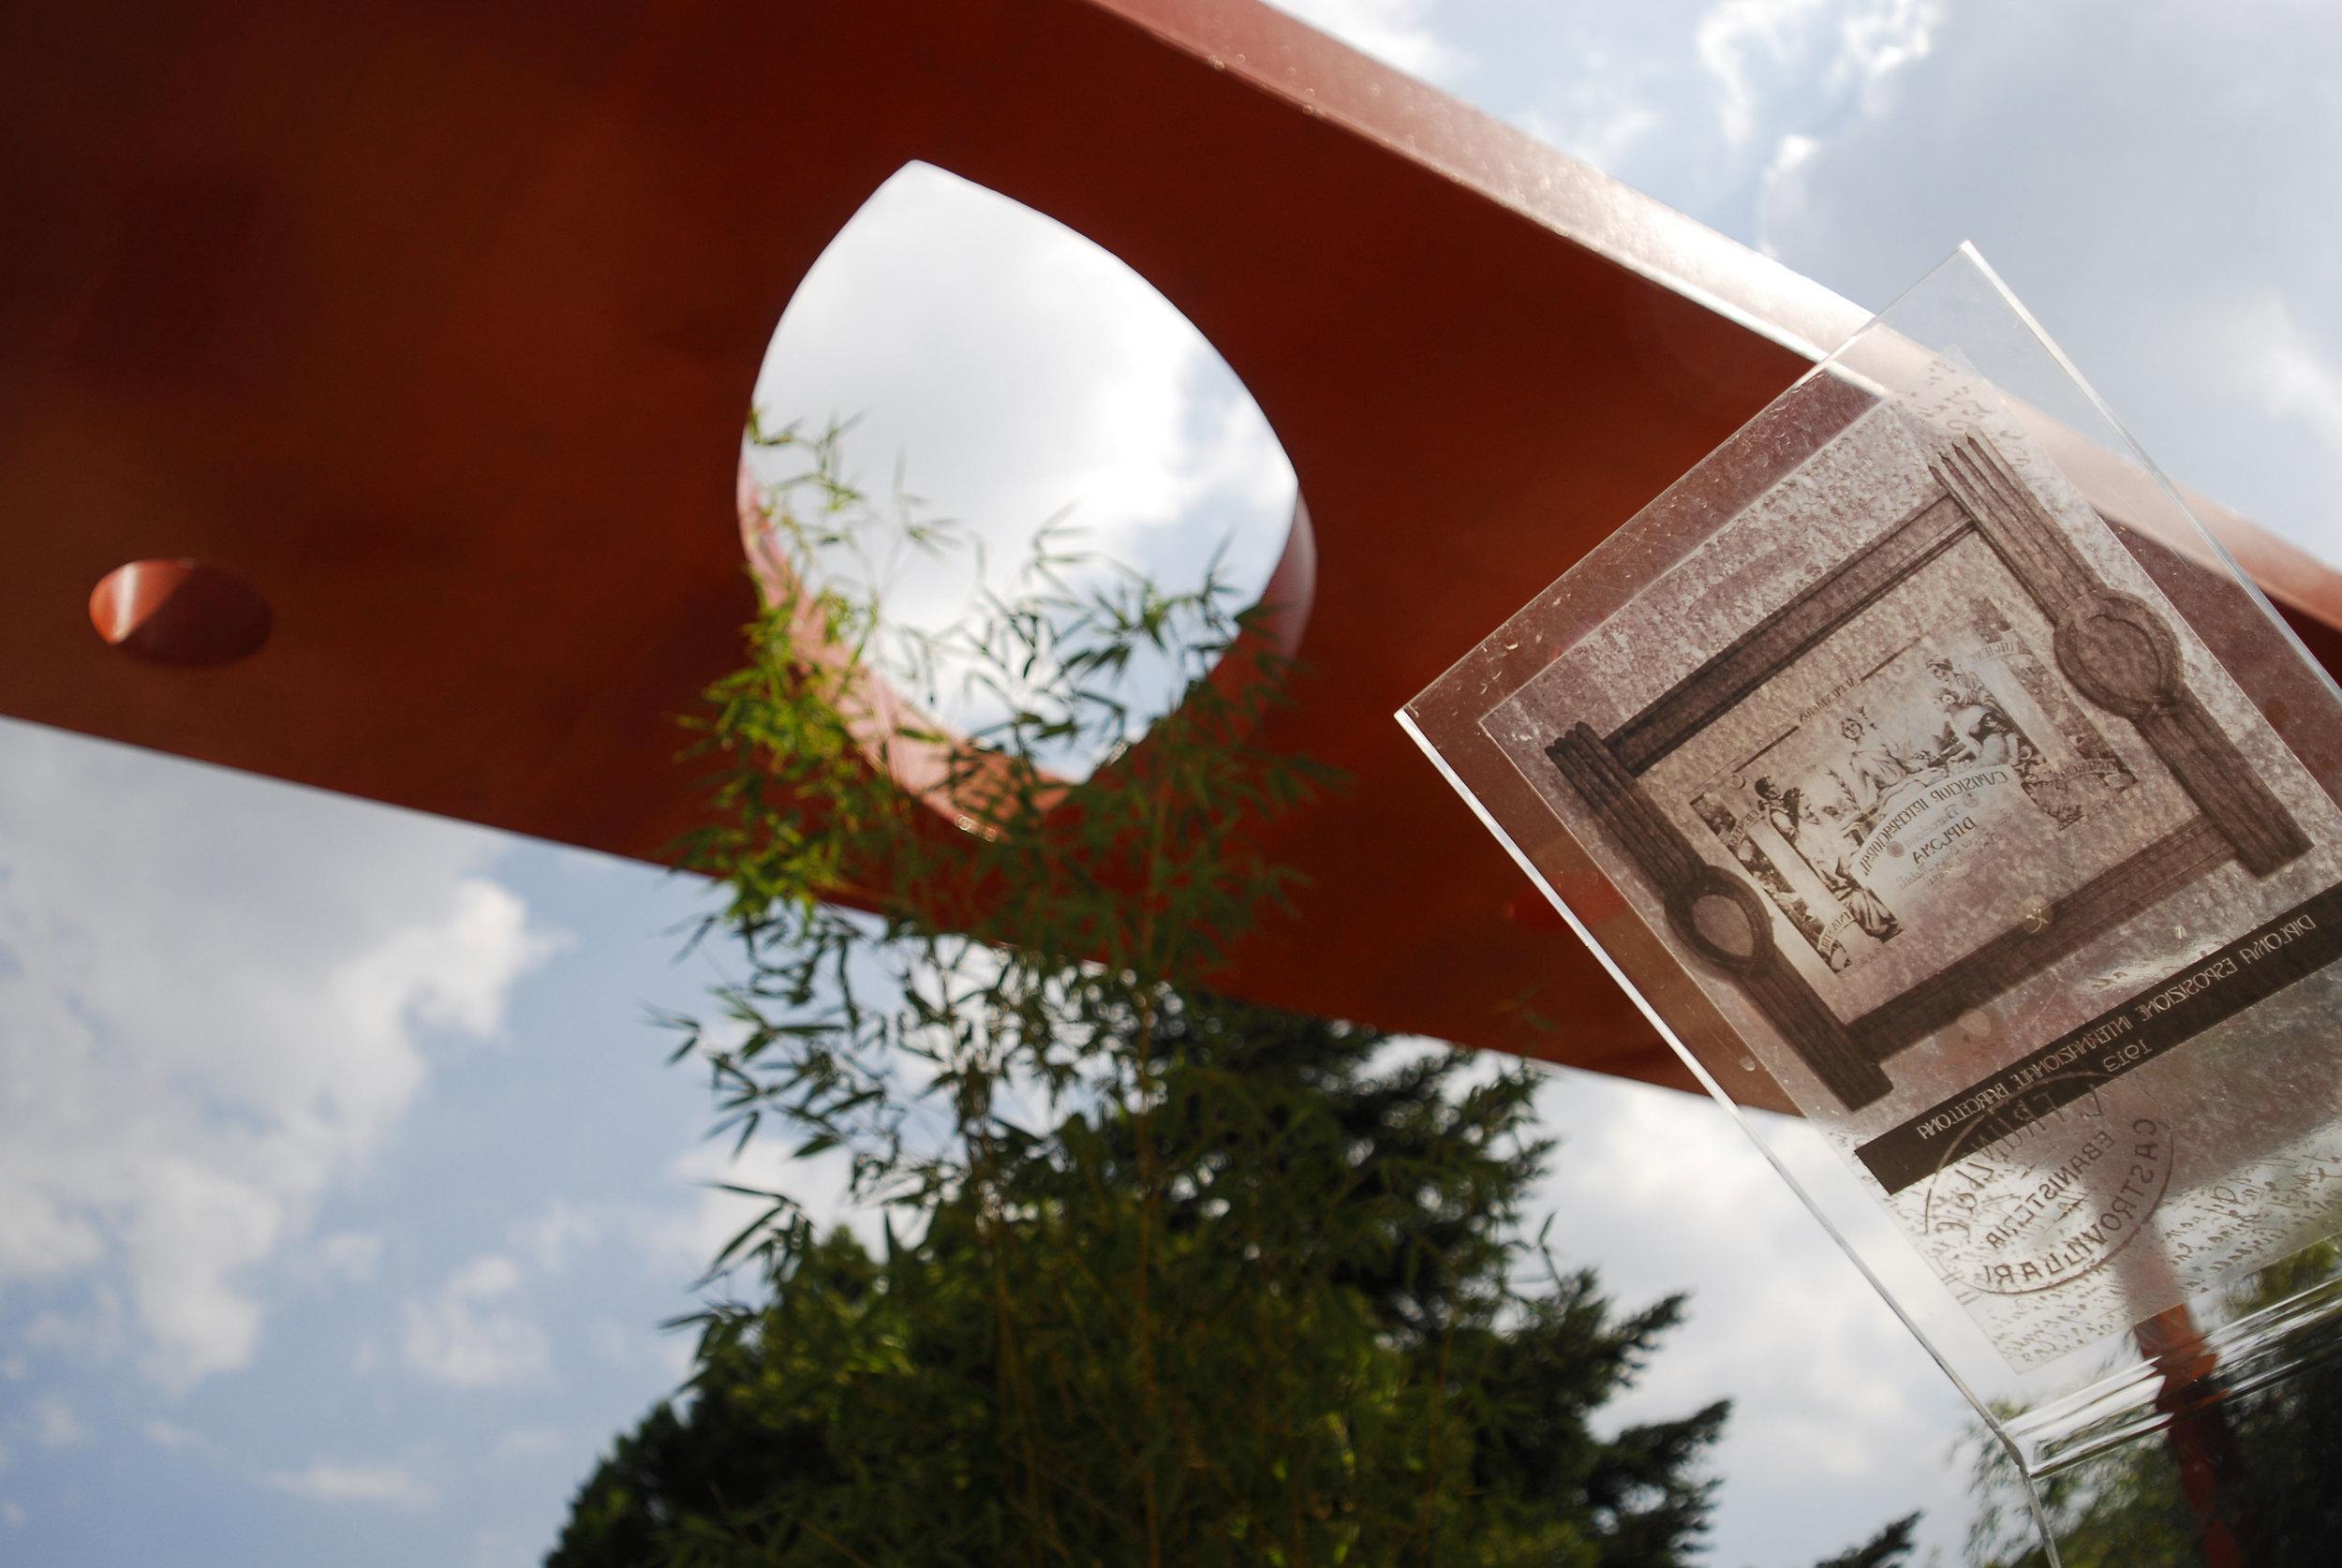 I contributi storicisulla tradizione familiaresono impressi sulastre di plexiglass -